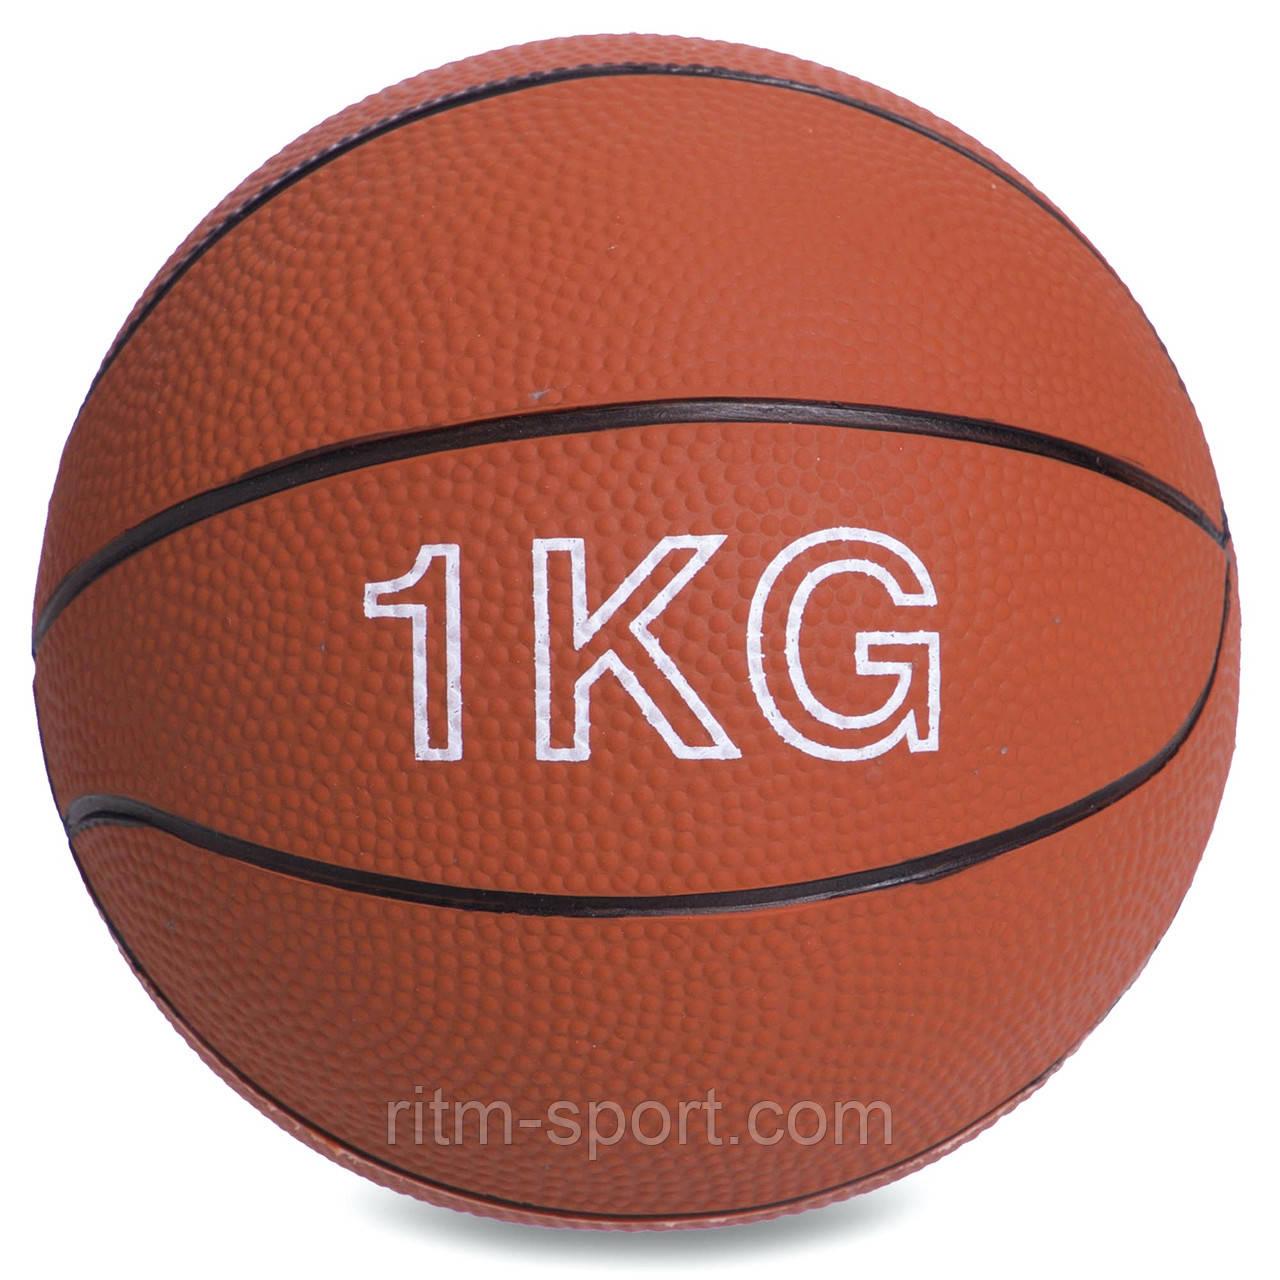 Мяч медицинский резиновый (медбол) 1 кг